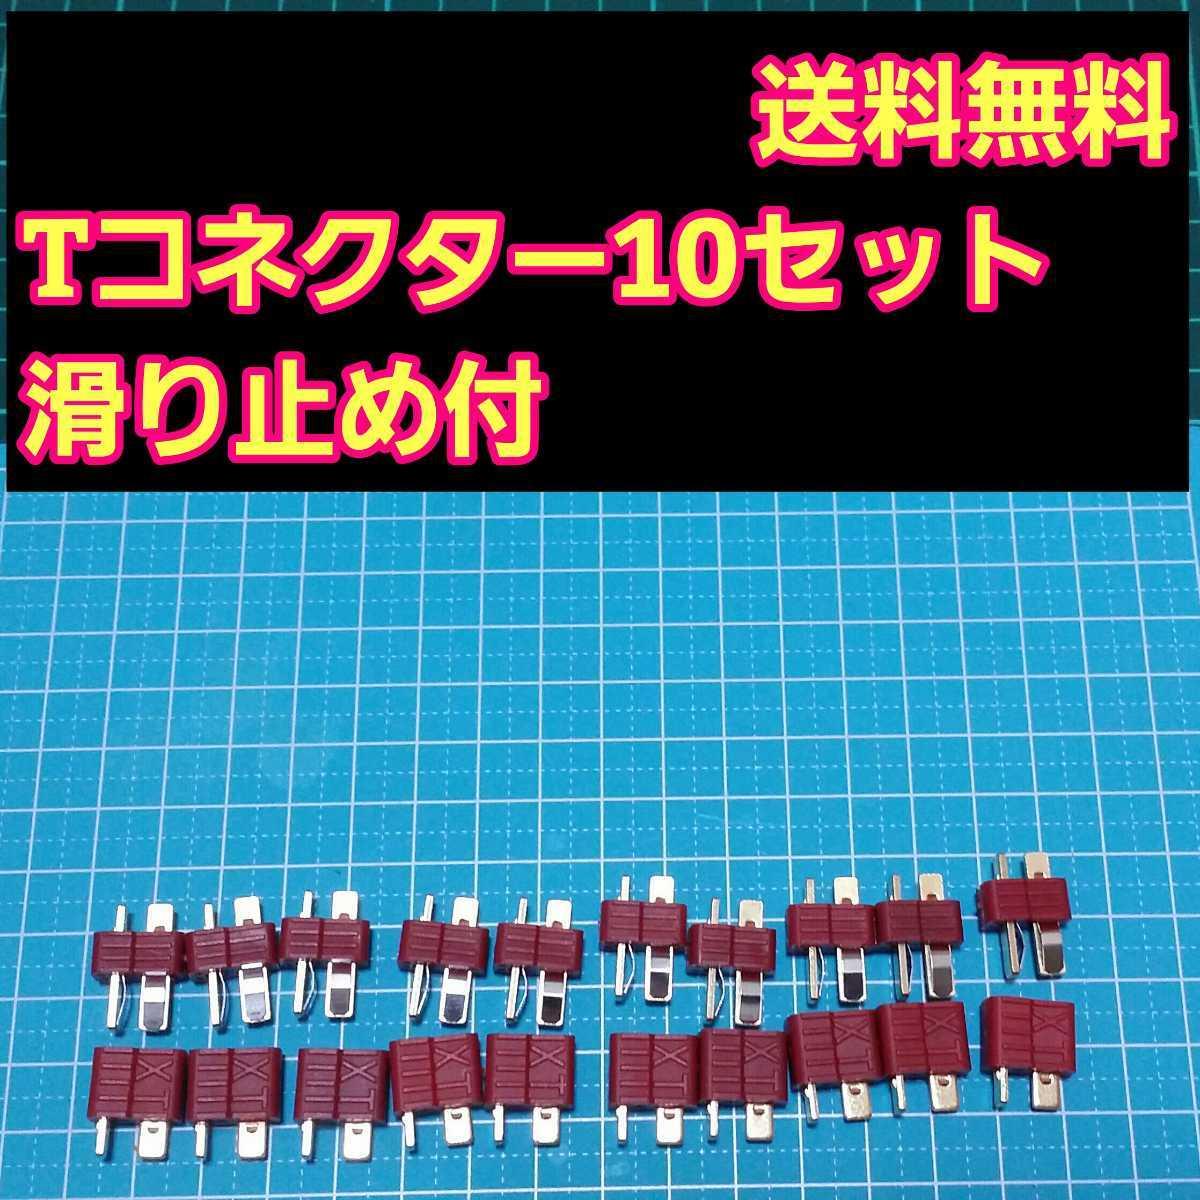 即決《送料無料》 T型 コネクター オス メス10セット  ラジコン ドリパケ アンプ バッテリー ディーンズ